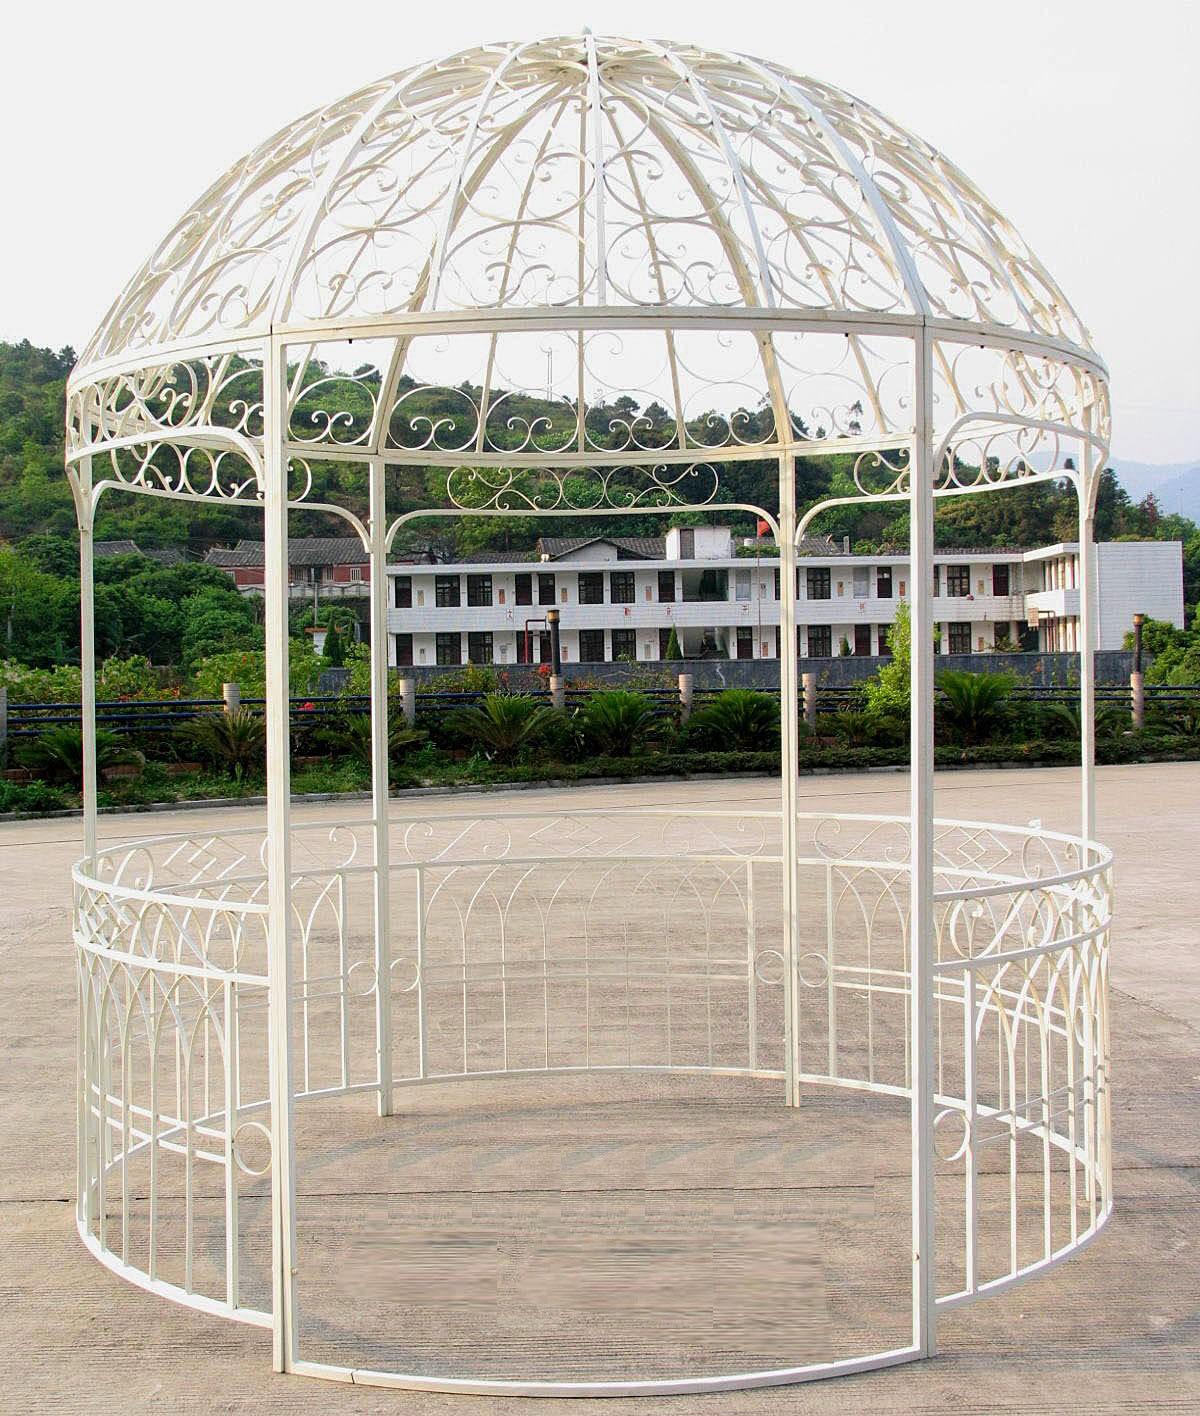 Grande Tonnelle Kiosque De Jardin Pergola Abris Rond Gloriette En Fer Forgé  Blanc 250X250X290Cm avec Kiosque De Jardin En Fer Forgé